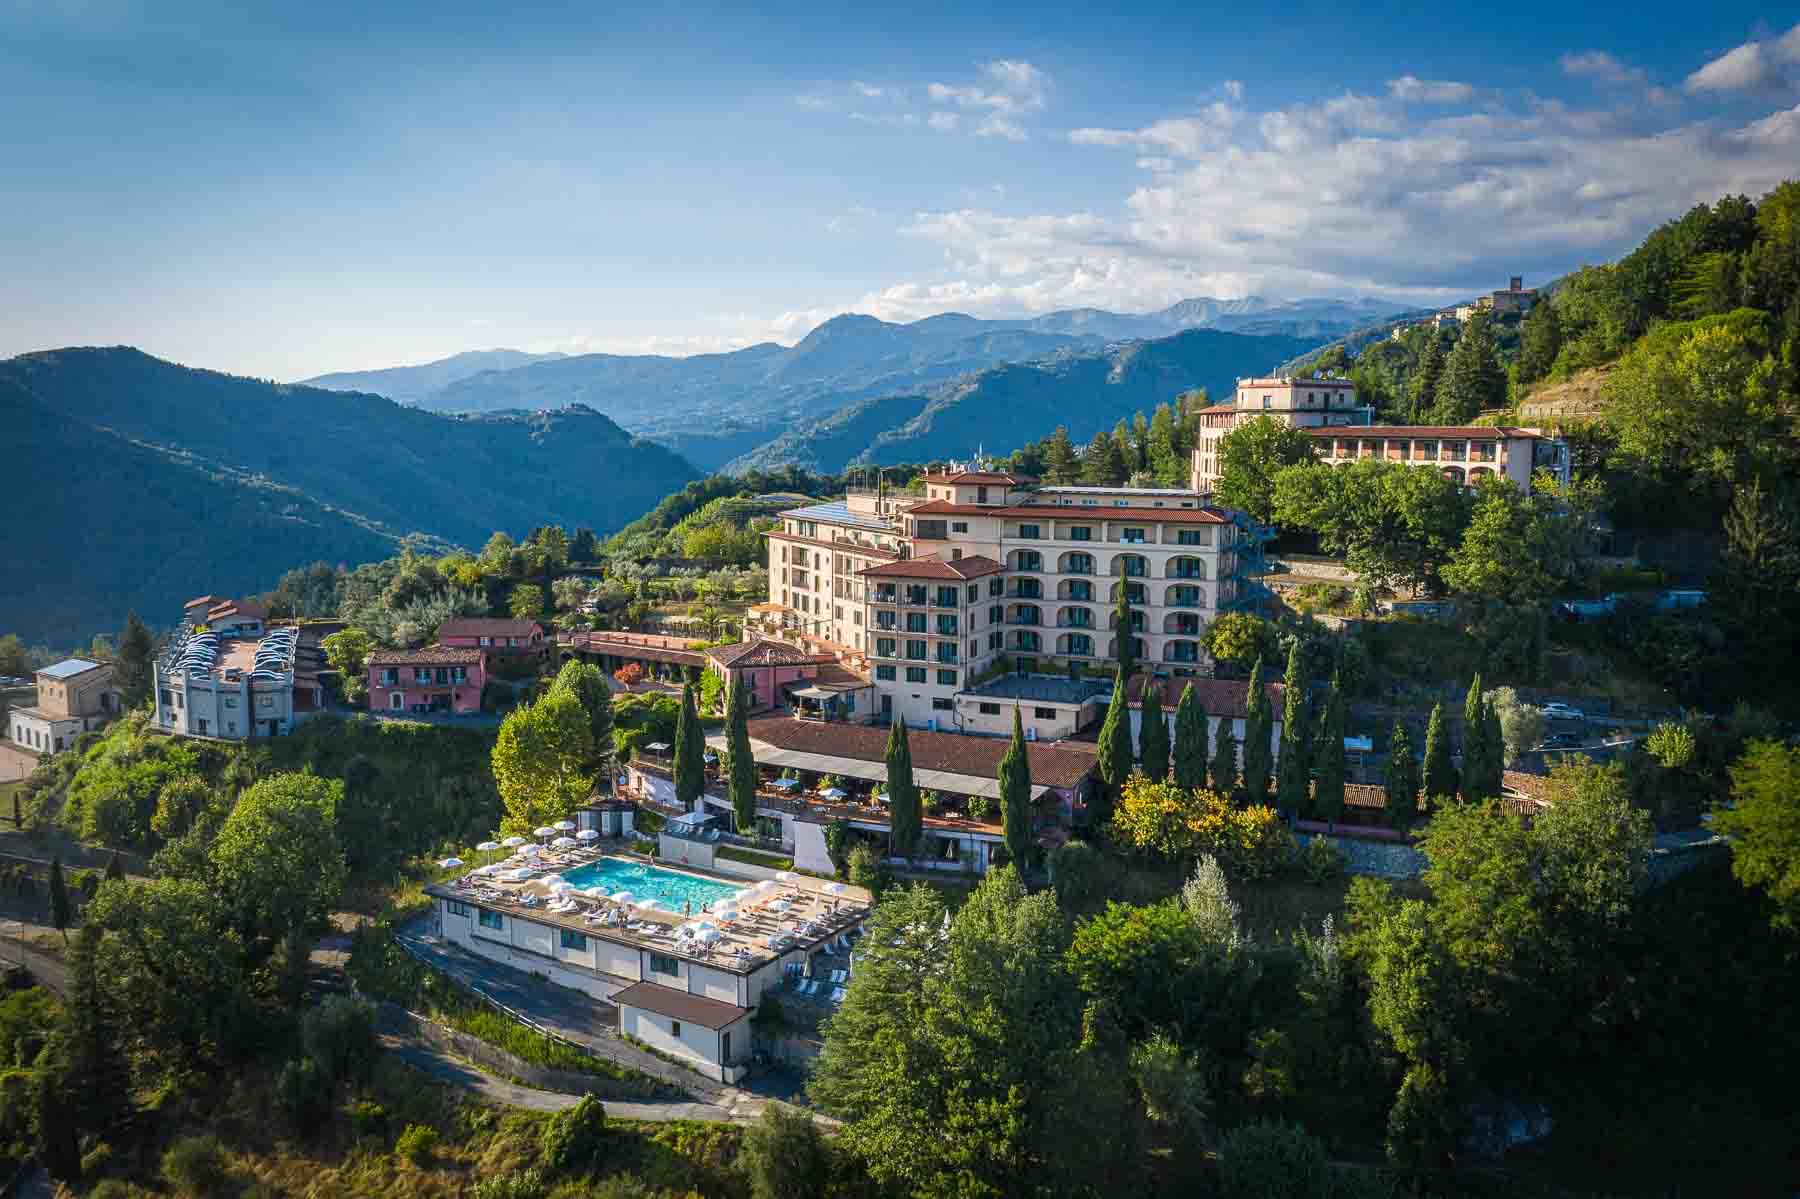 Luxus Familien Urlaub Toskana Renaissance Resort Lucca